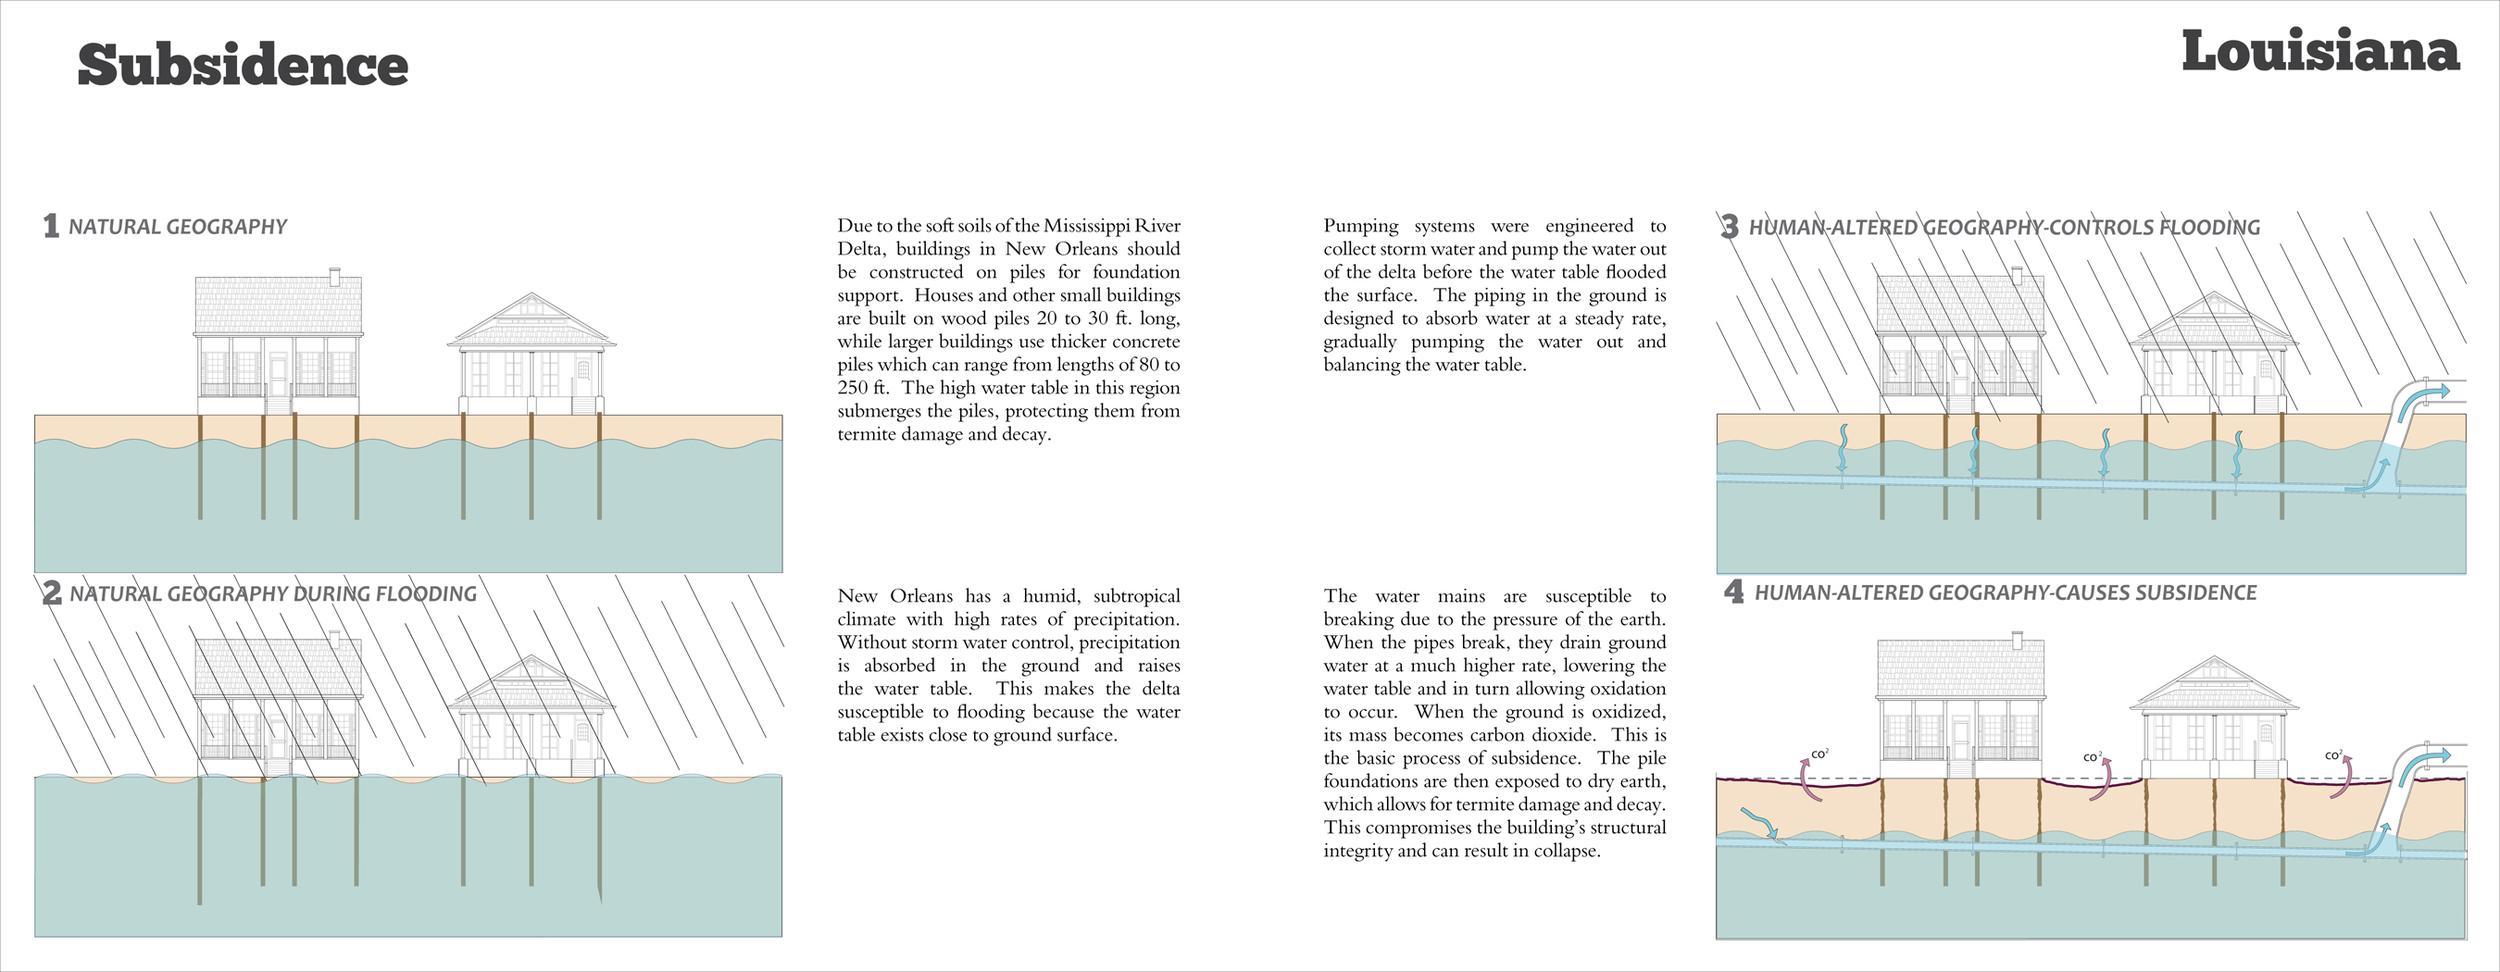 MIXOLOGY spread 44.jpg